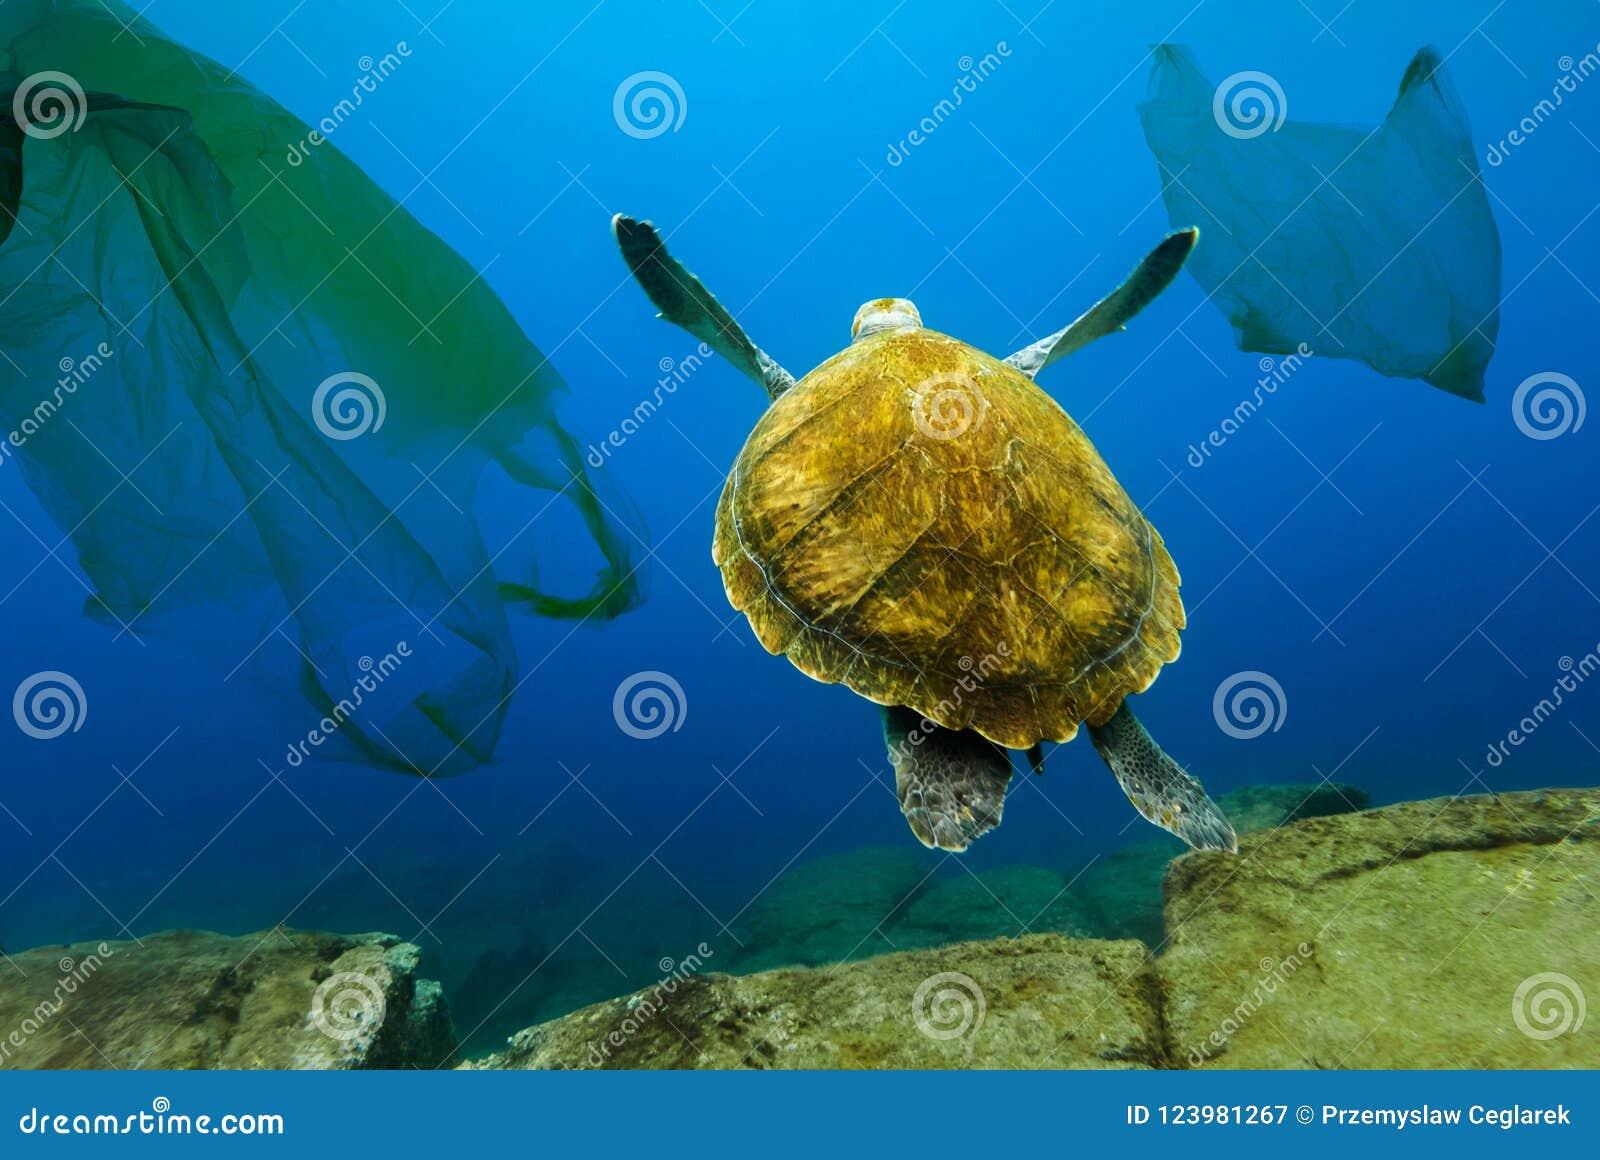 Tartaruga subaquática que flutua entre sacos de plástico Conceito da poluição do ambiente da água